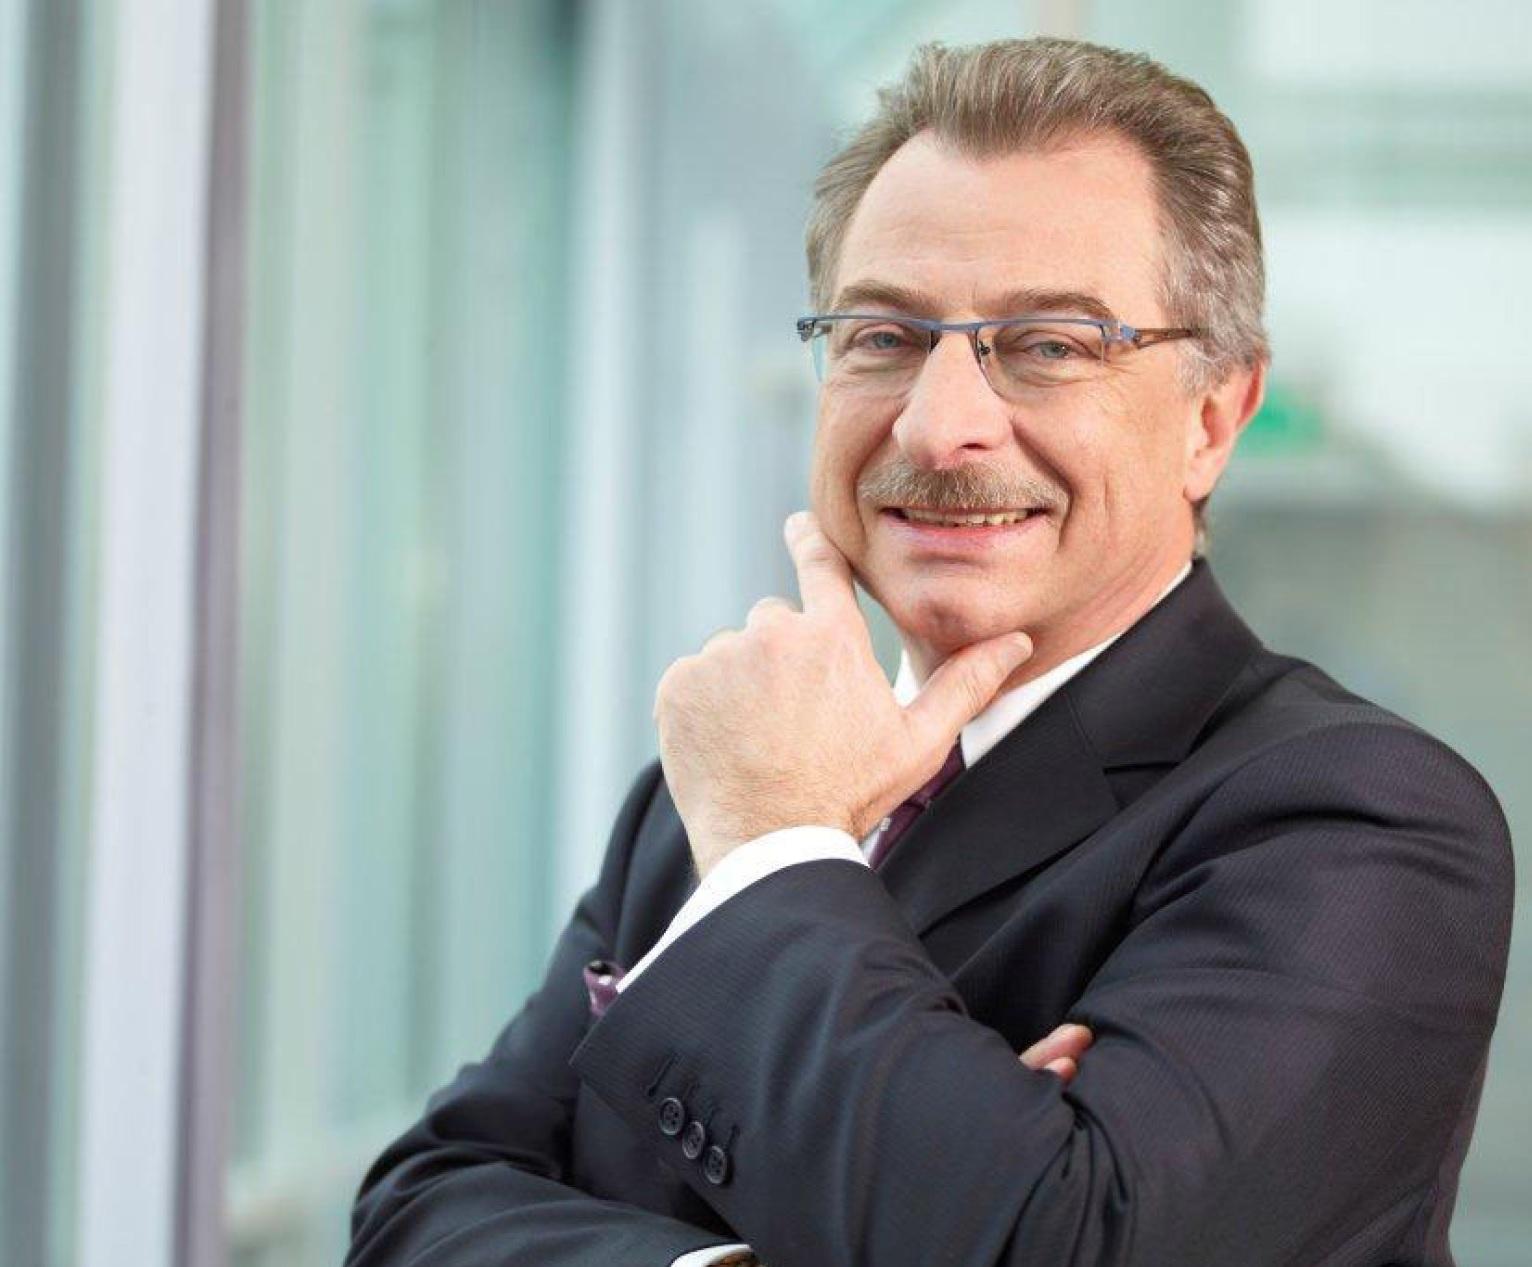 Prof Dieter Kempf Stb Lehrstuhl Für Betriebswirtschaftslehre